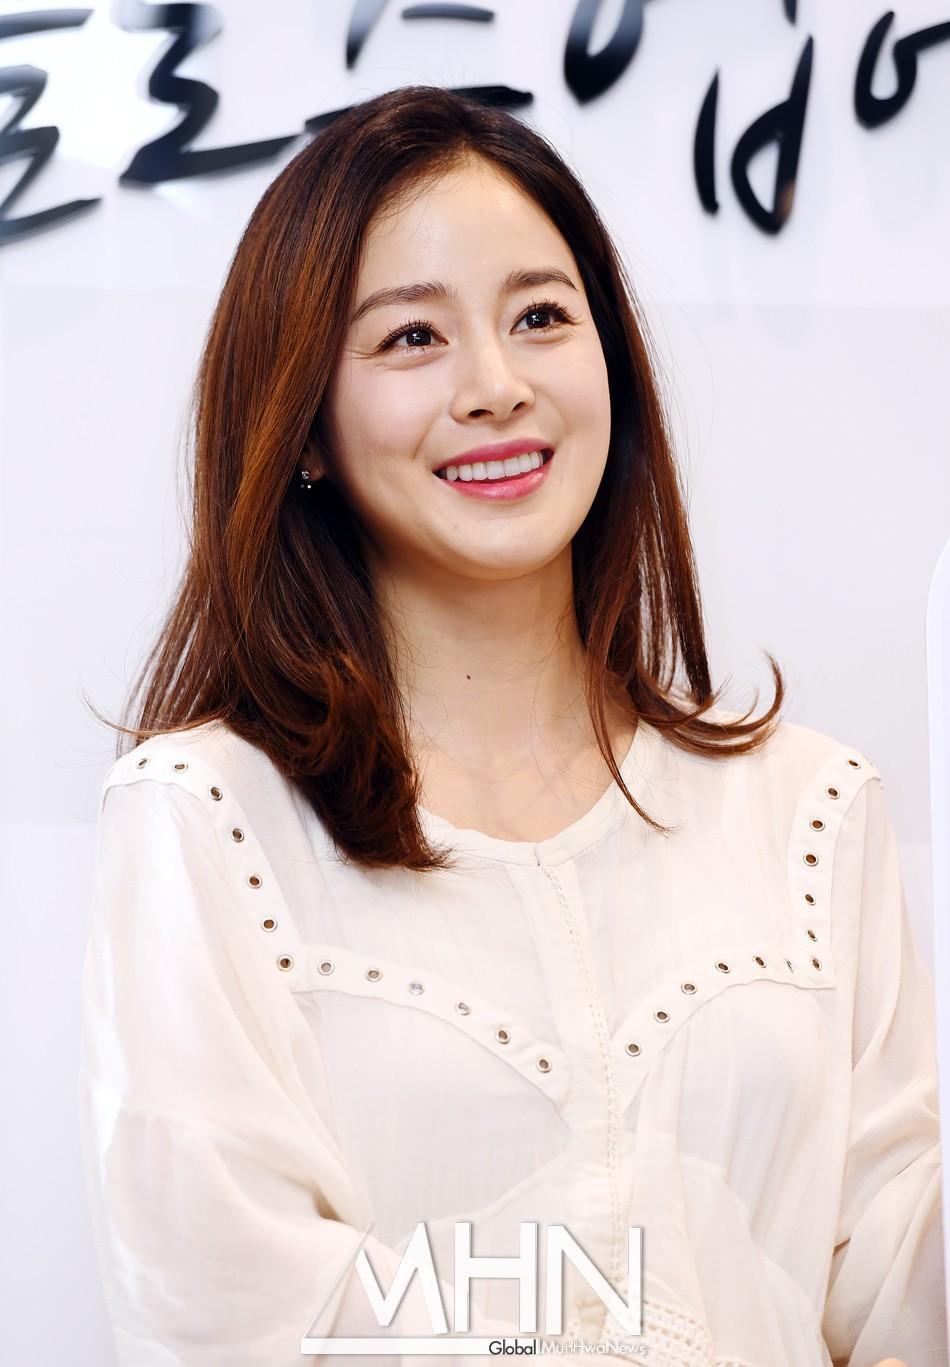 Vợ chồng Bi Rain mỗi người tậu nhà chục tỷ, dân mạng được phen ghen tị với mẹ Kim Tae Hee và gia thế khủng của người đẹp - Ảnh 6.